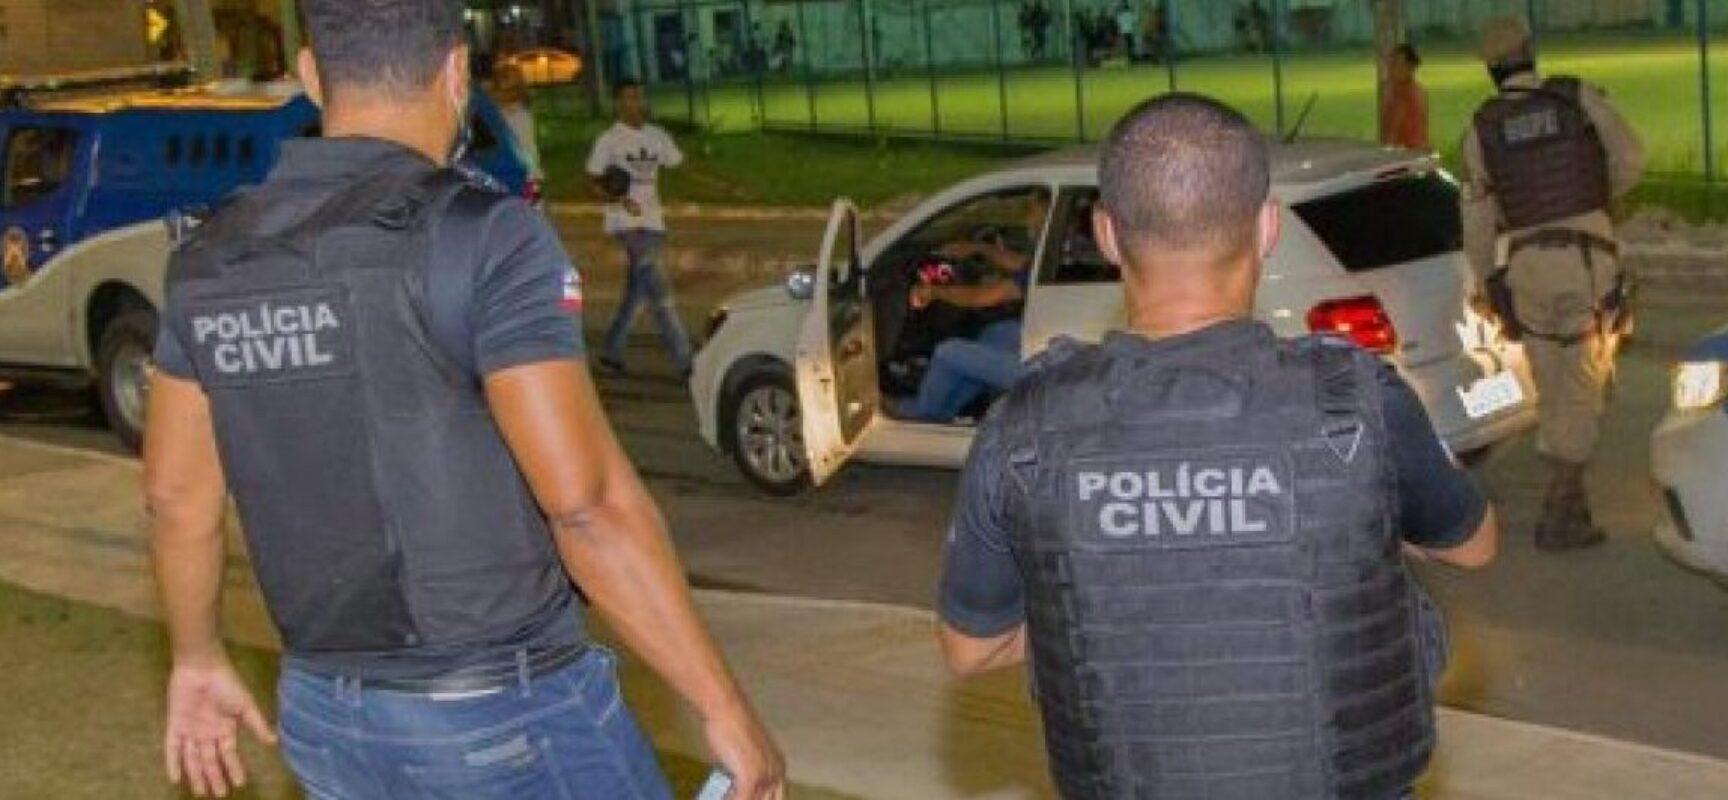 Decreto libera serviços essenciais em 23 cidades; toque de recolher e restrição à venda de bebidas continuam